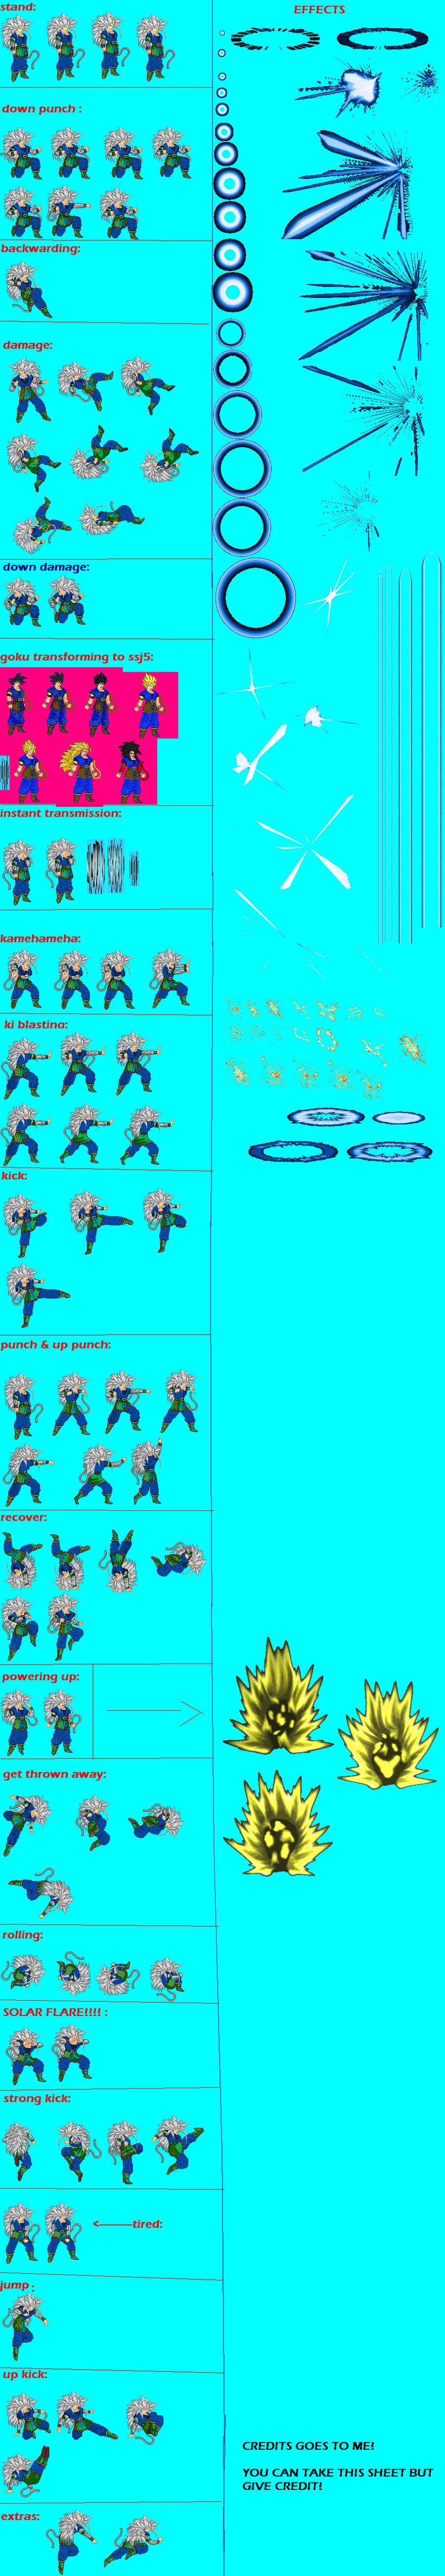 SSJ5 Goku Sprite Sheet by spritezmaster on DeviantArt | 900 x 5207 jpeg 1185kB